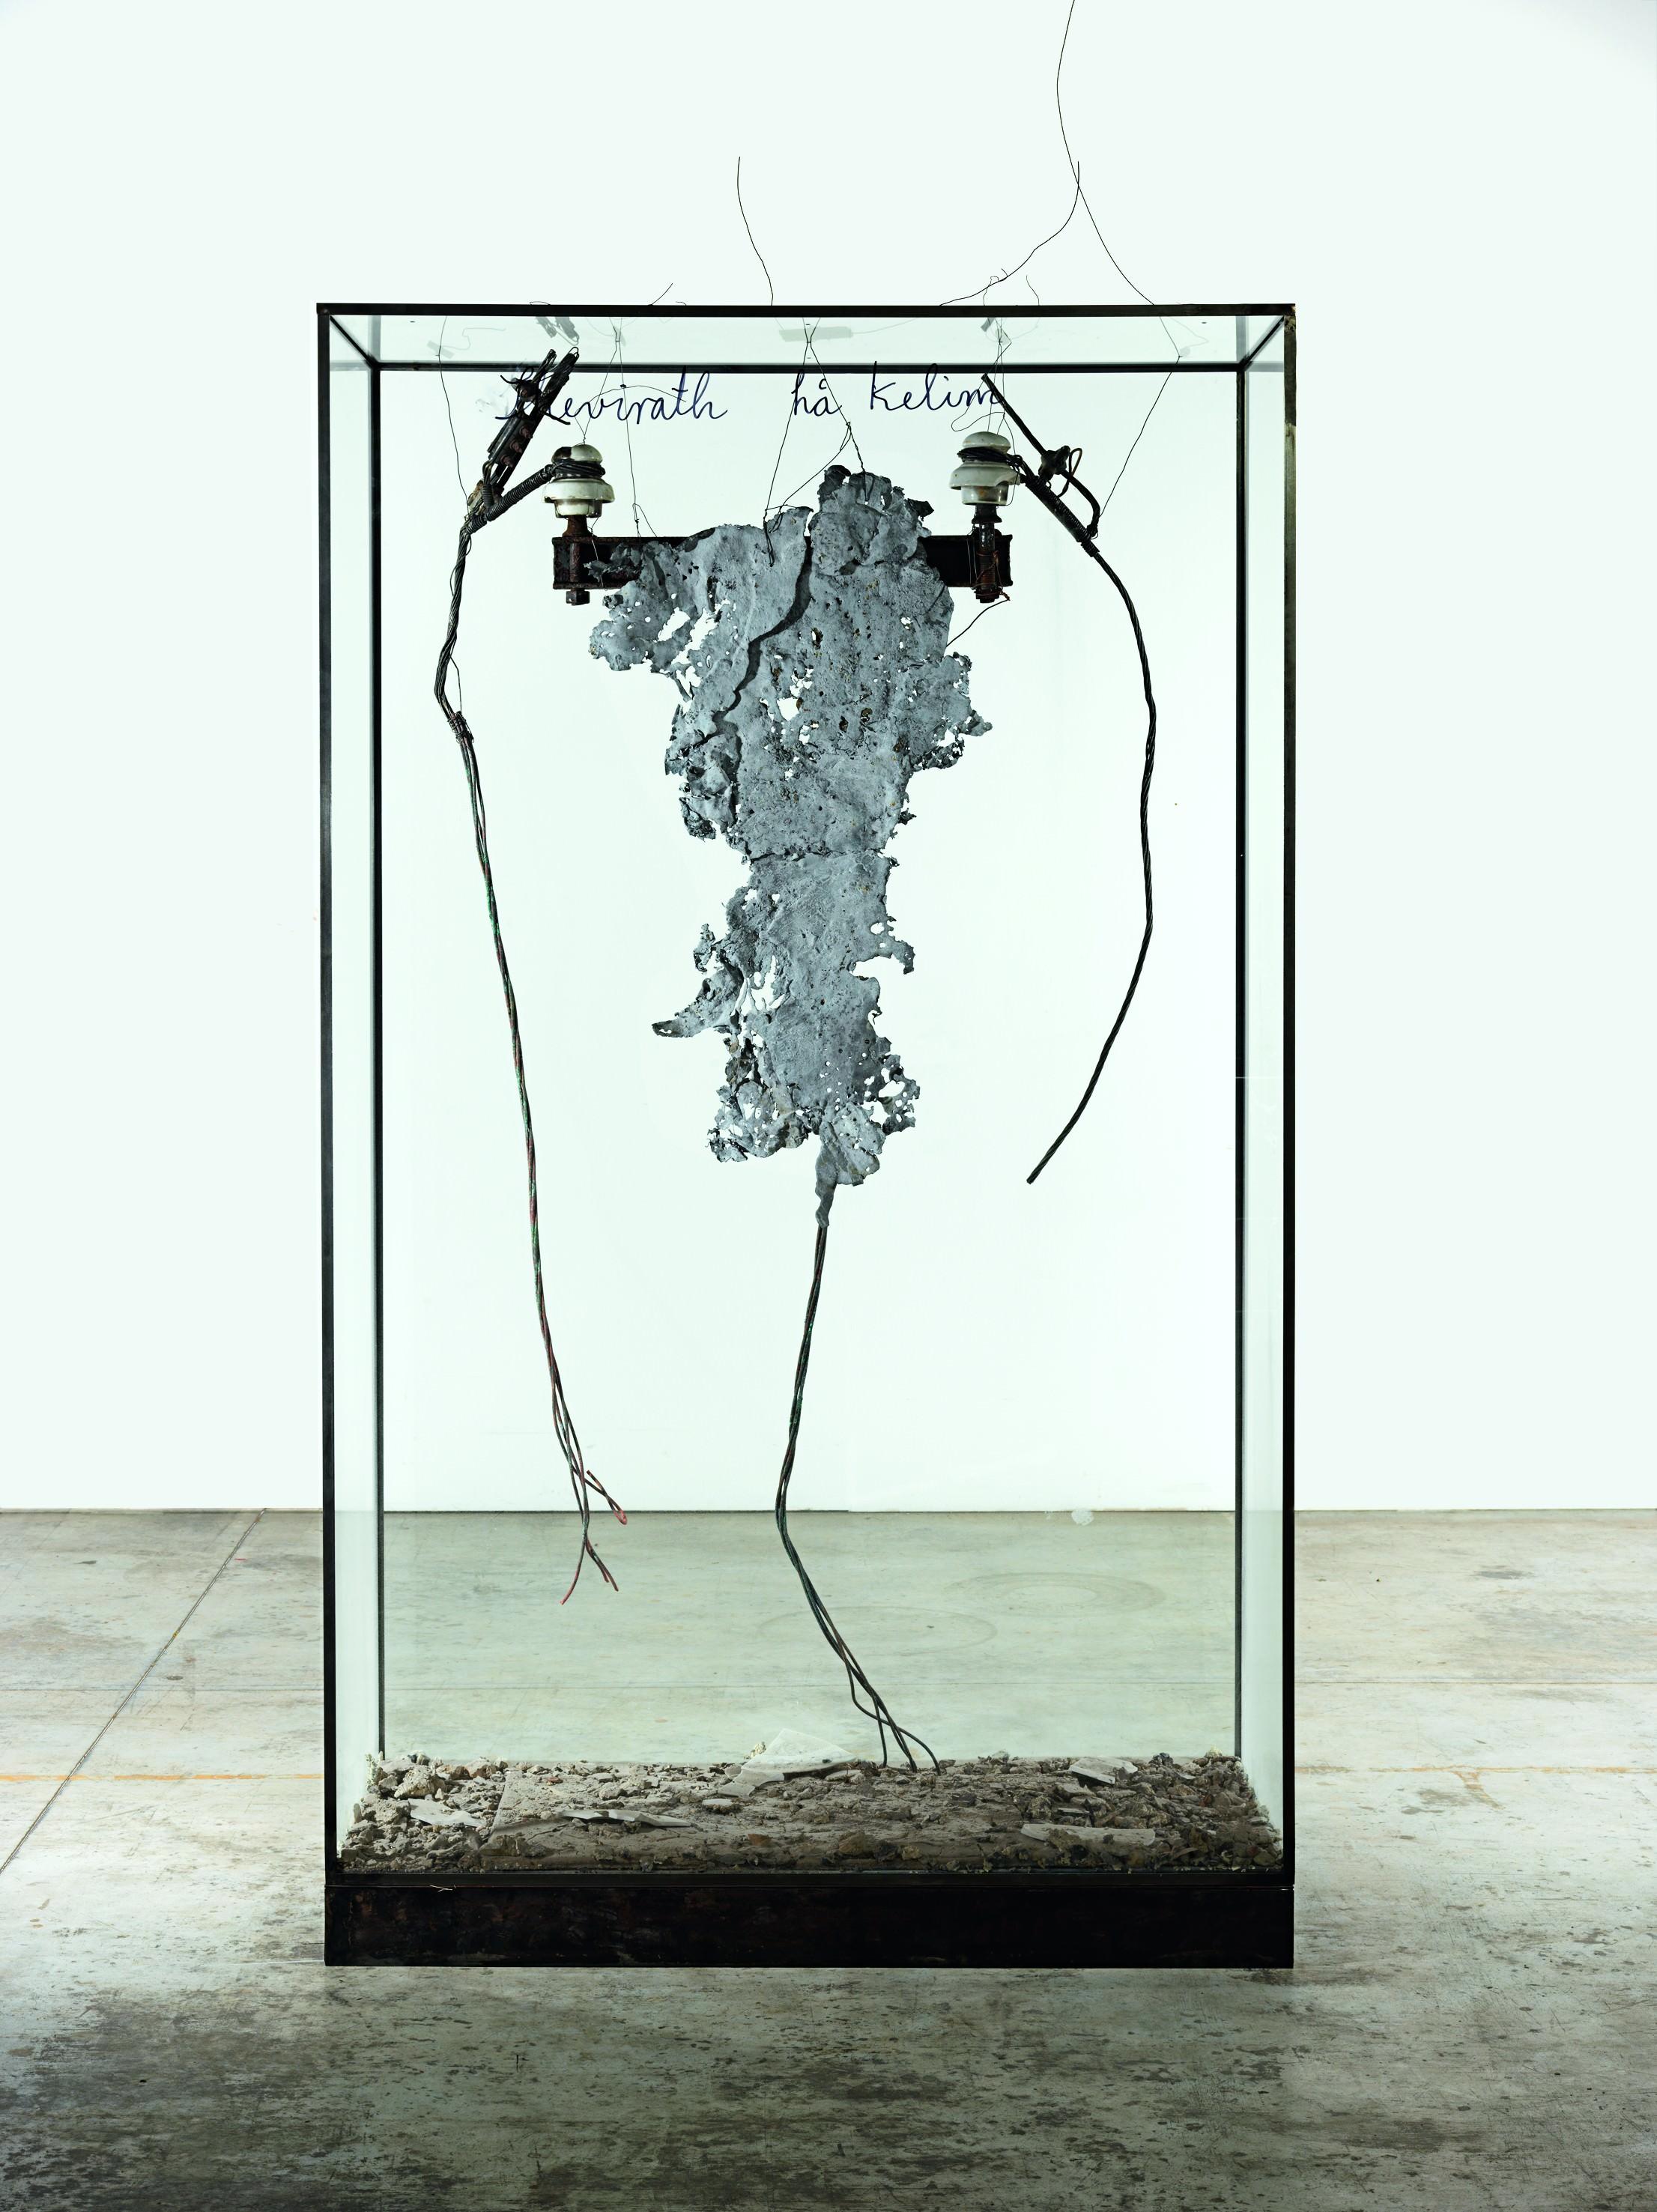 Shevirath ha Kelim [La Brisure des vases](2015), verre, métal, plomb, céramique, cendres et encre, 210 x 121 x 50,5 cm. Collection particulière Photo : © Georges Poncet